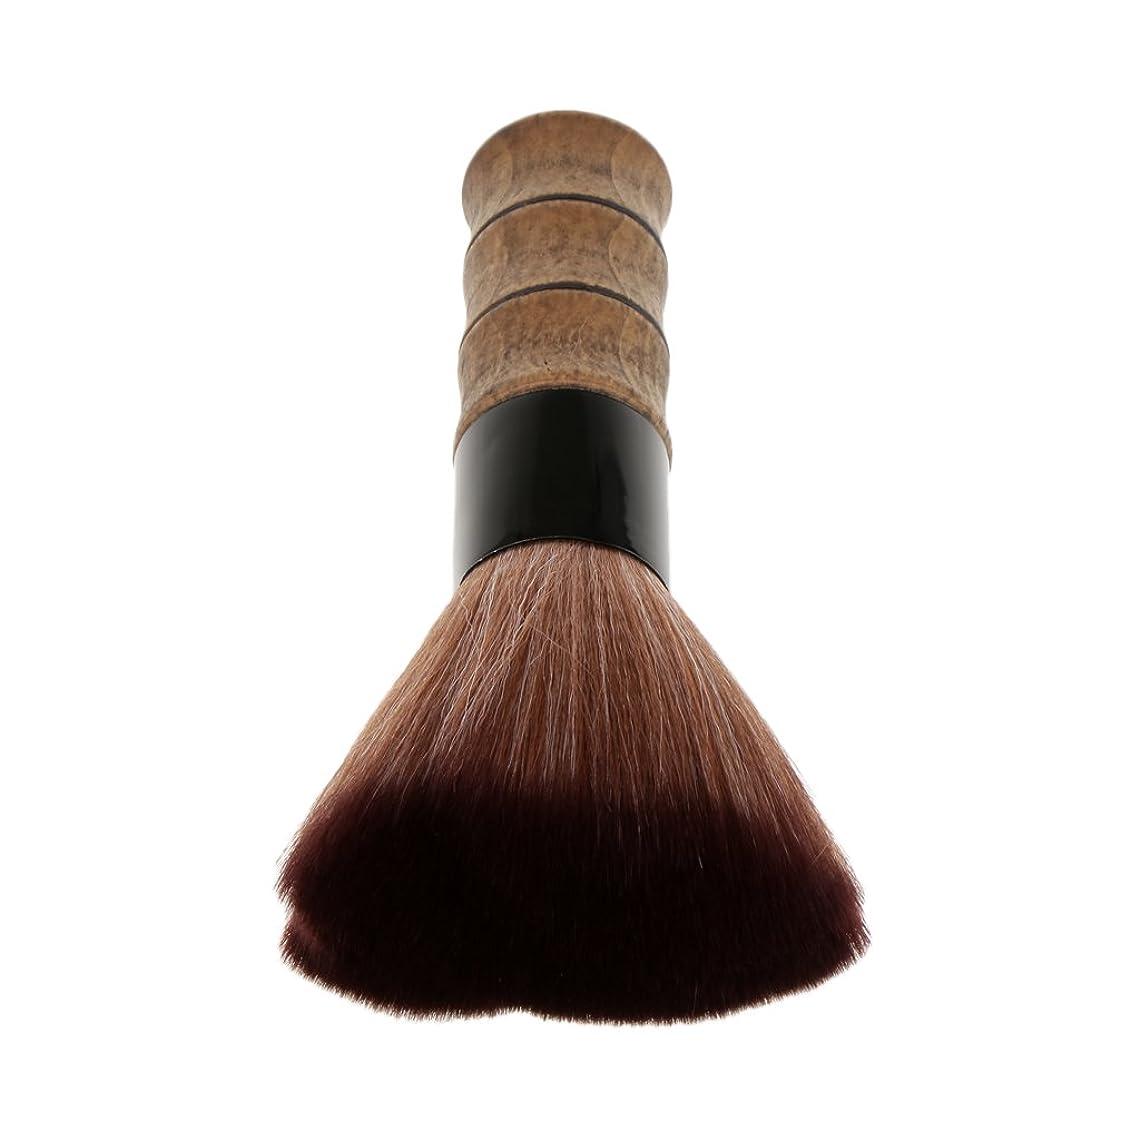 困惑した先見の明パーティションPerfk シェービングブラシ 洗顔 美容ブラシ メイクブラシ ソフトファイバー 竹ハンドル シェービング ブラシ スキンケア メイクアップ 2色選べる - 褐色